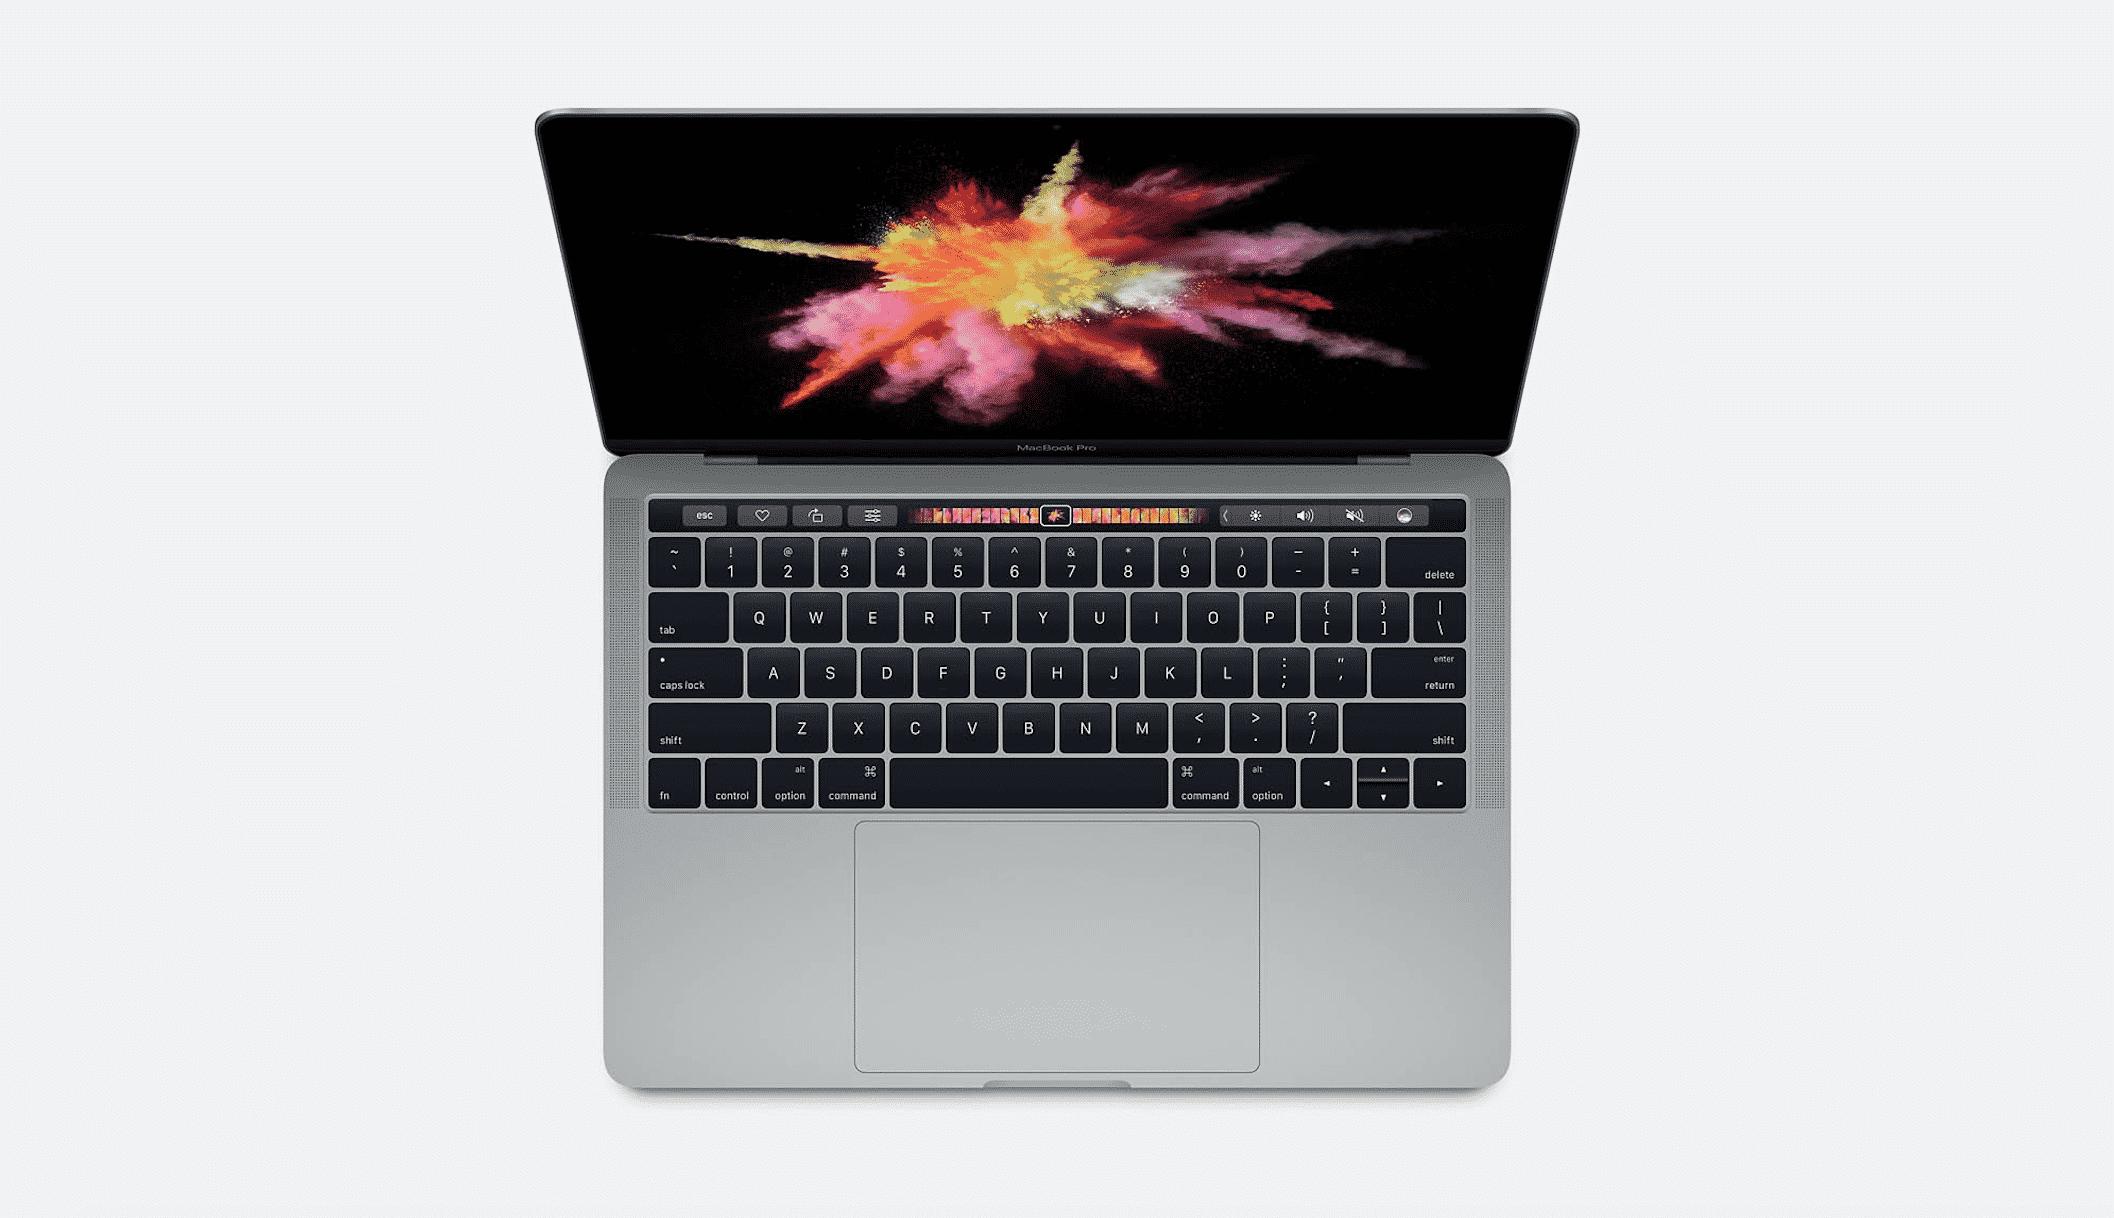 13-inch MacBook Pro